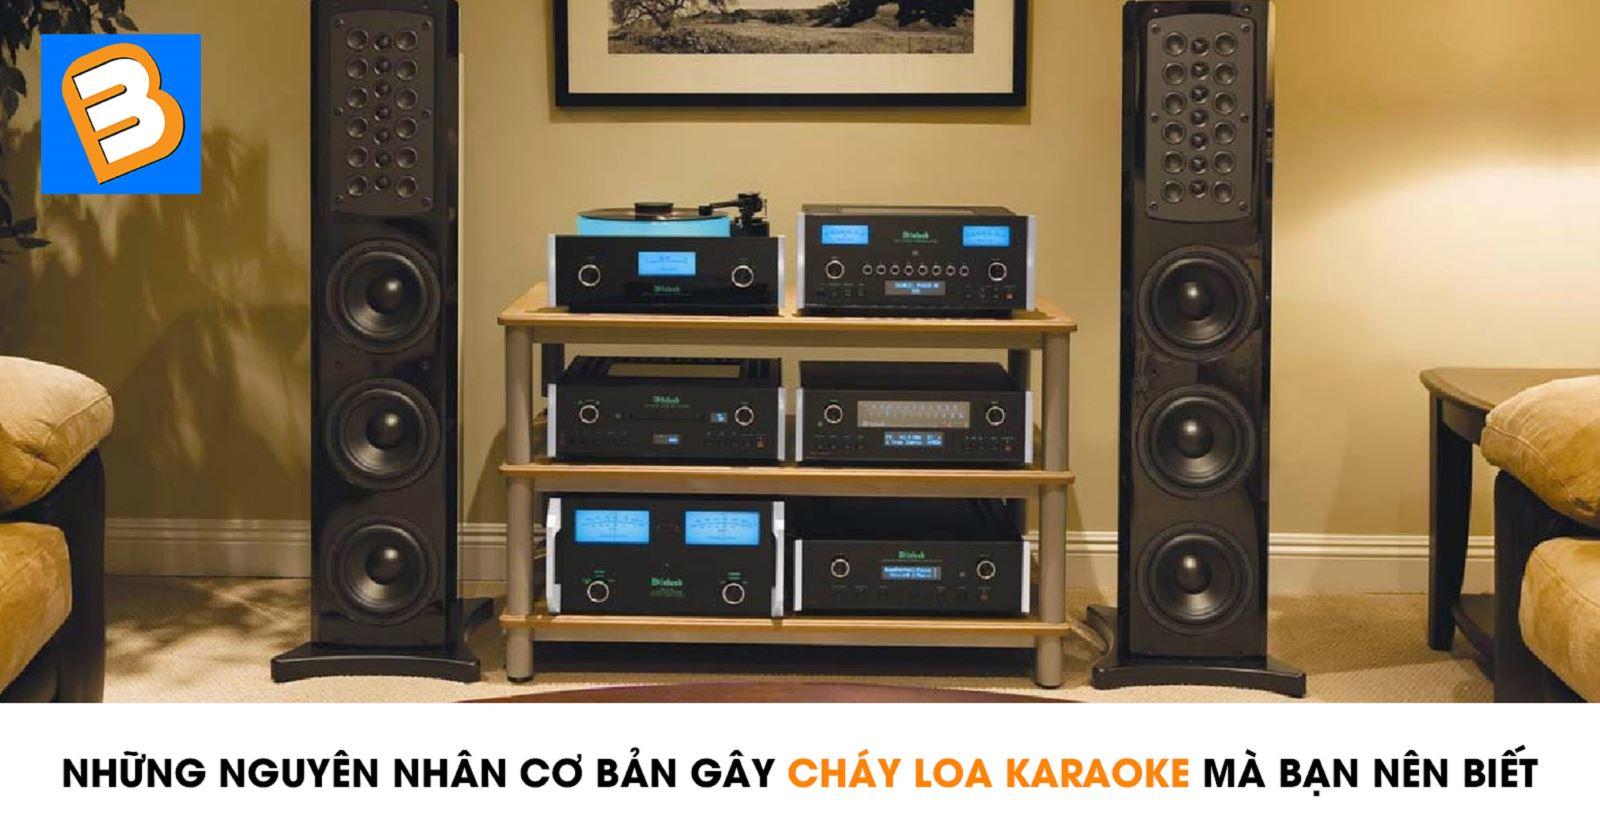 Những nguyên nhân khiến loa karaoke nhà bạn dễ bị cháy